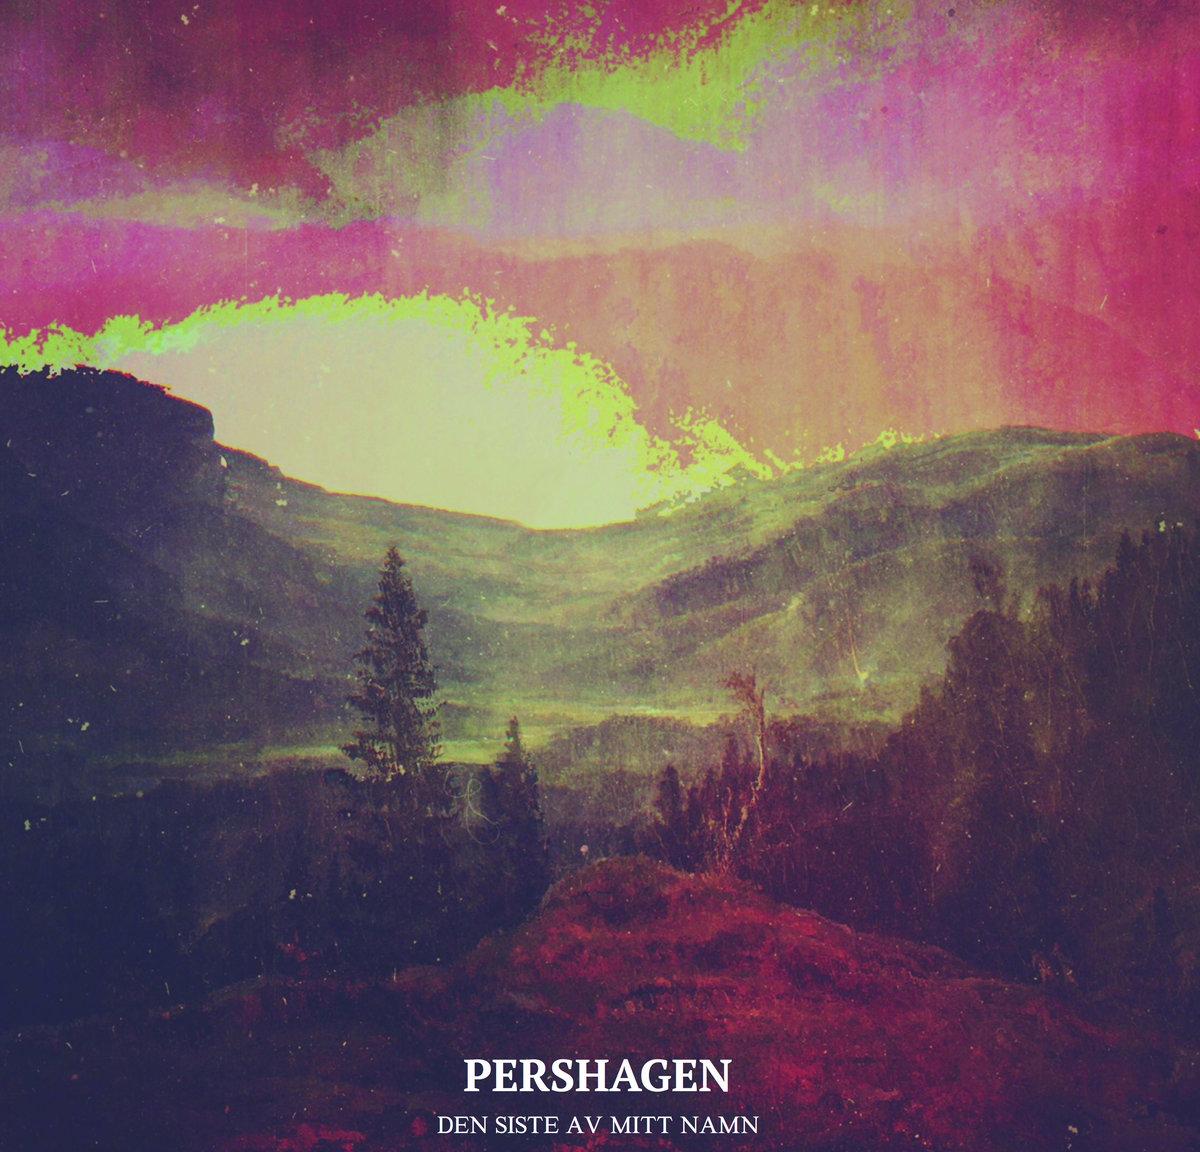 Pershagen - Den Siste Av Mitt Namn